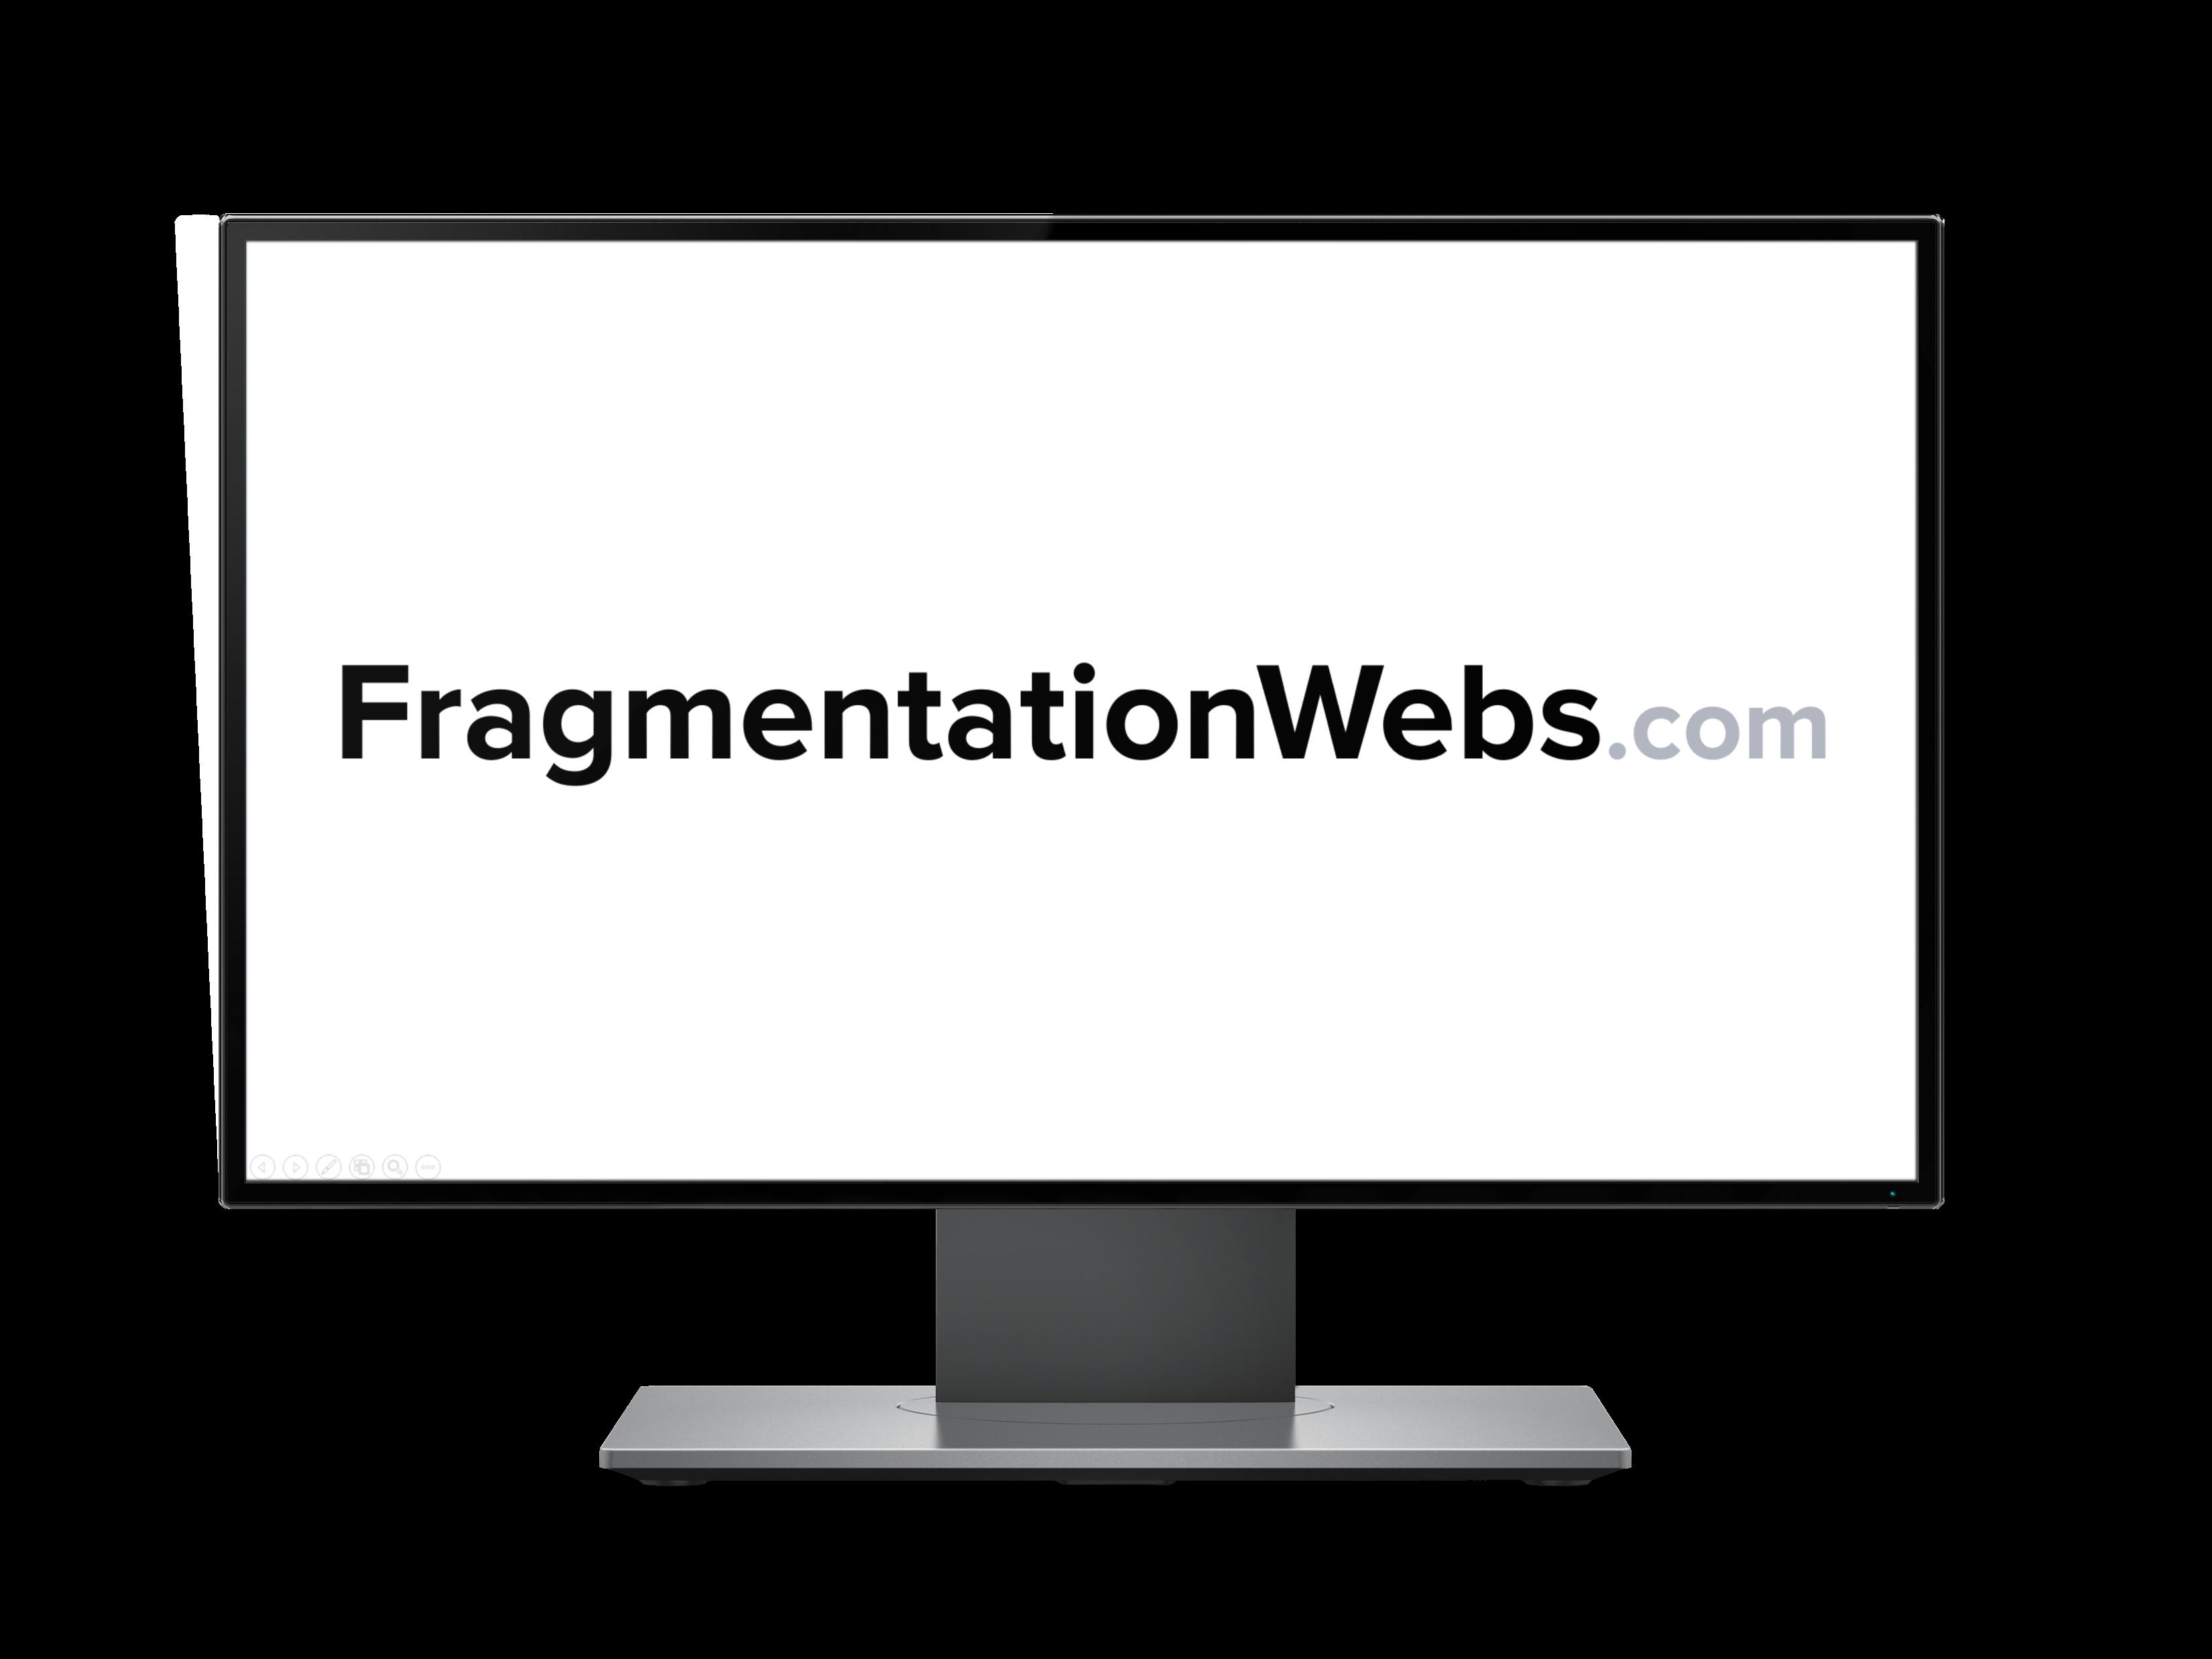 FragmentationWebs Monitor - White BG